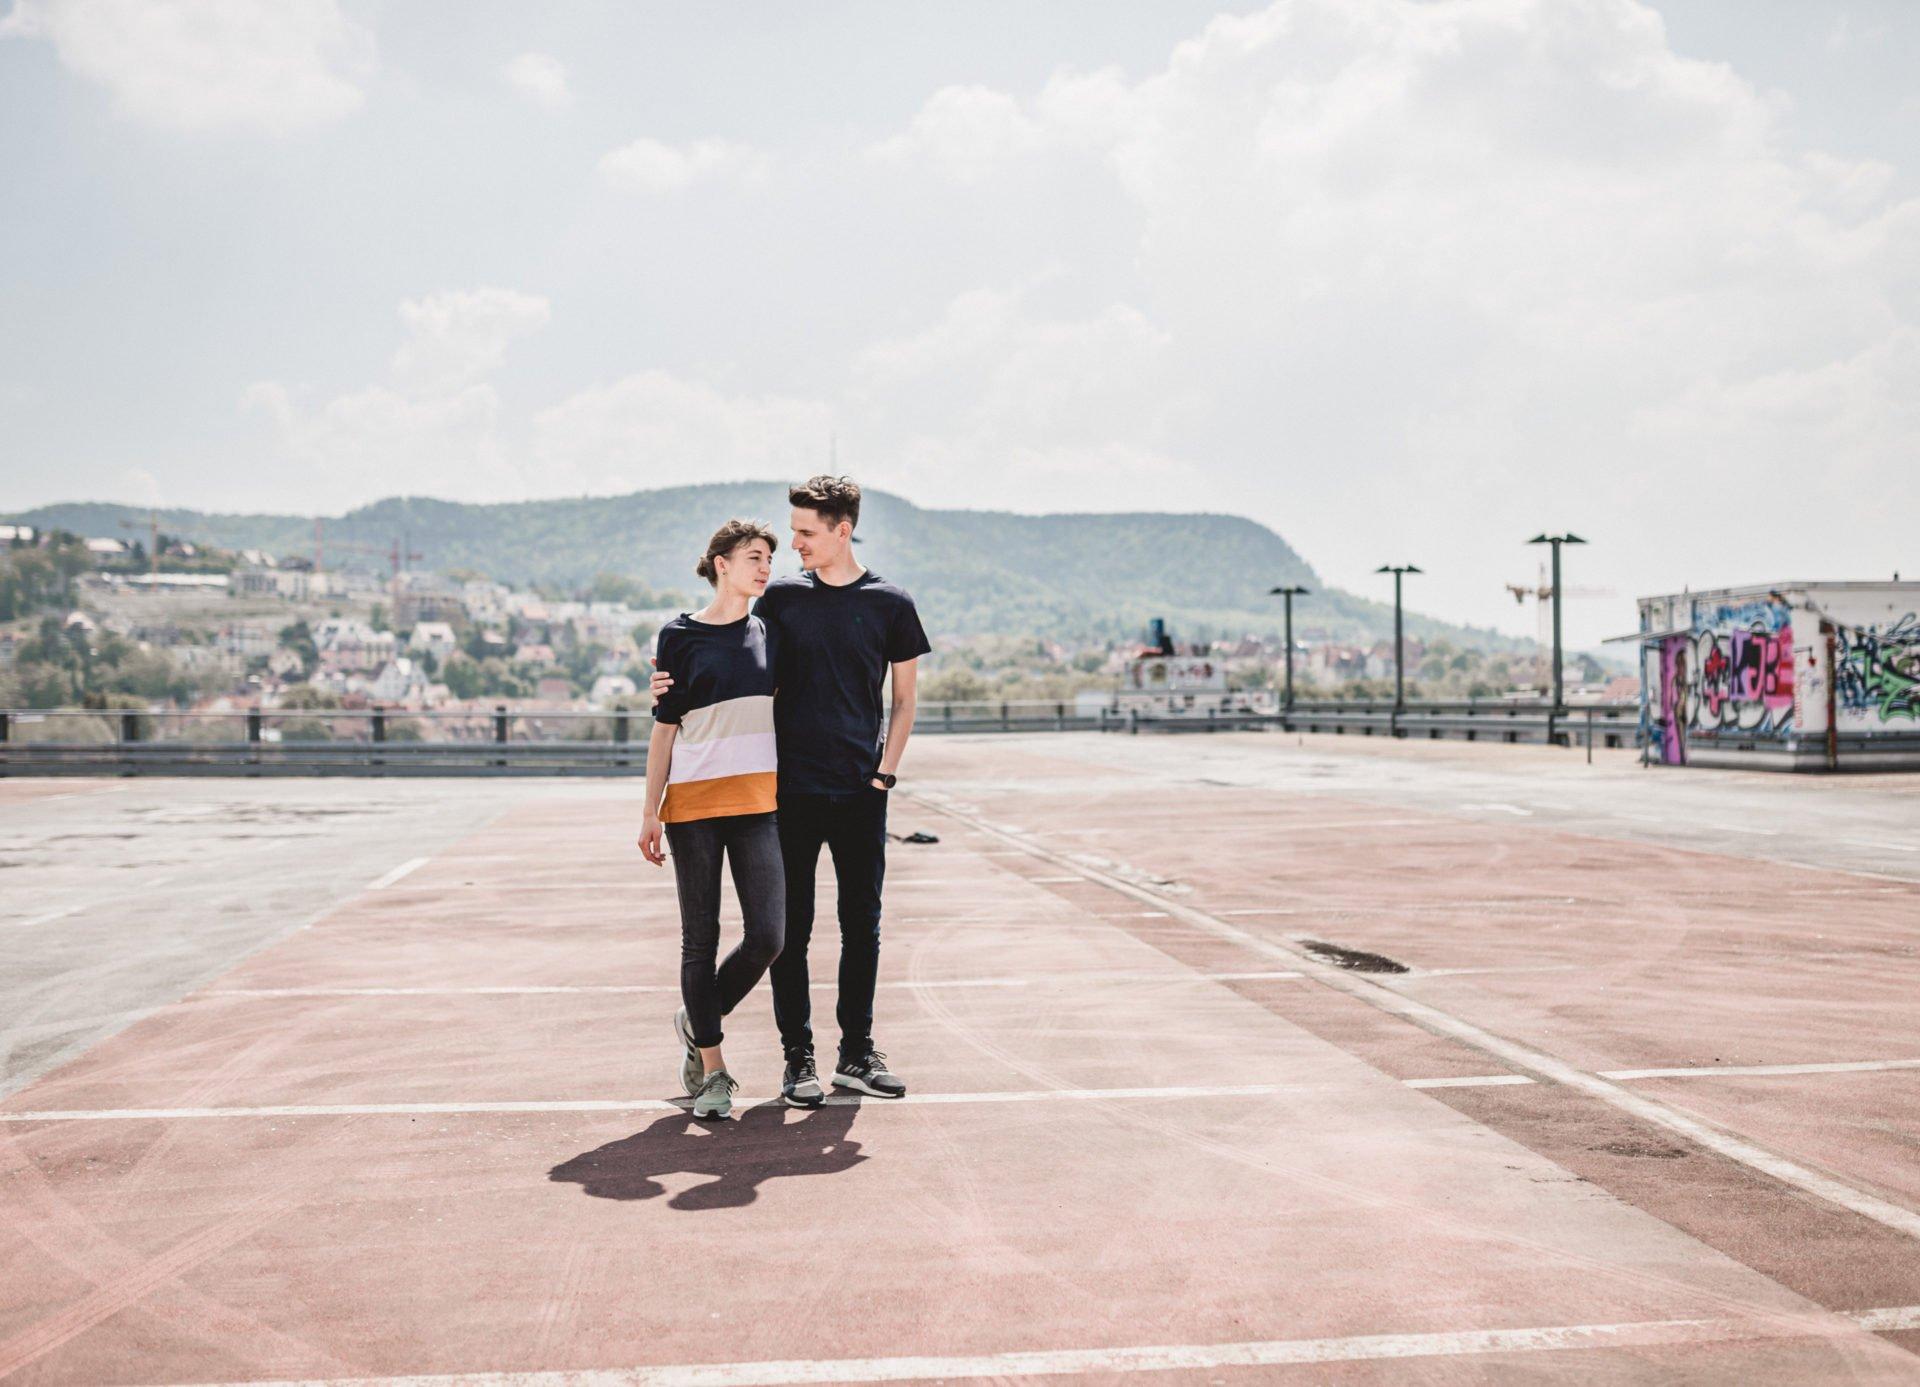 Liebesgeschichte | Liebesgeschichte auf der Jenaer Schillerpassage | 14